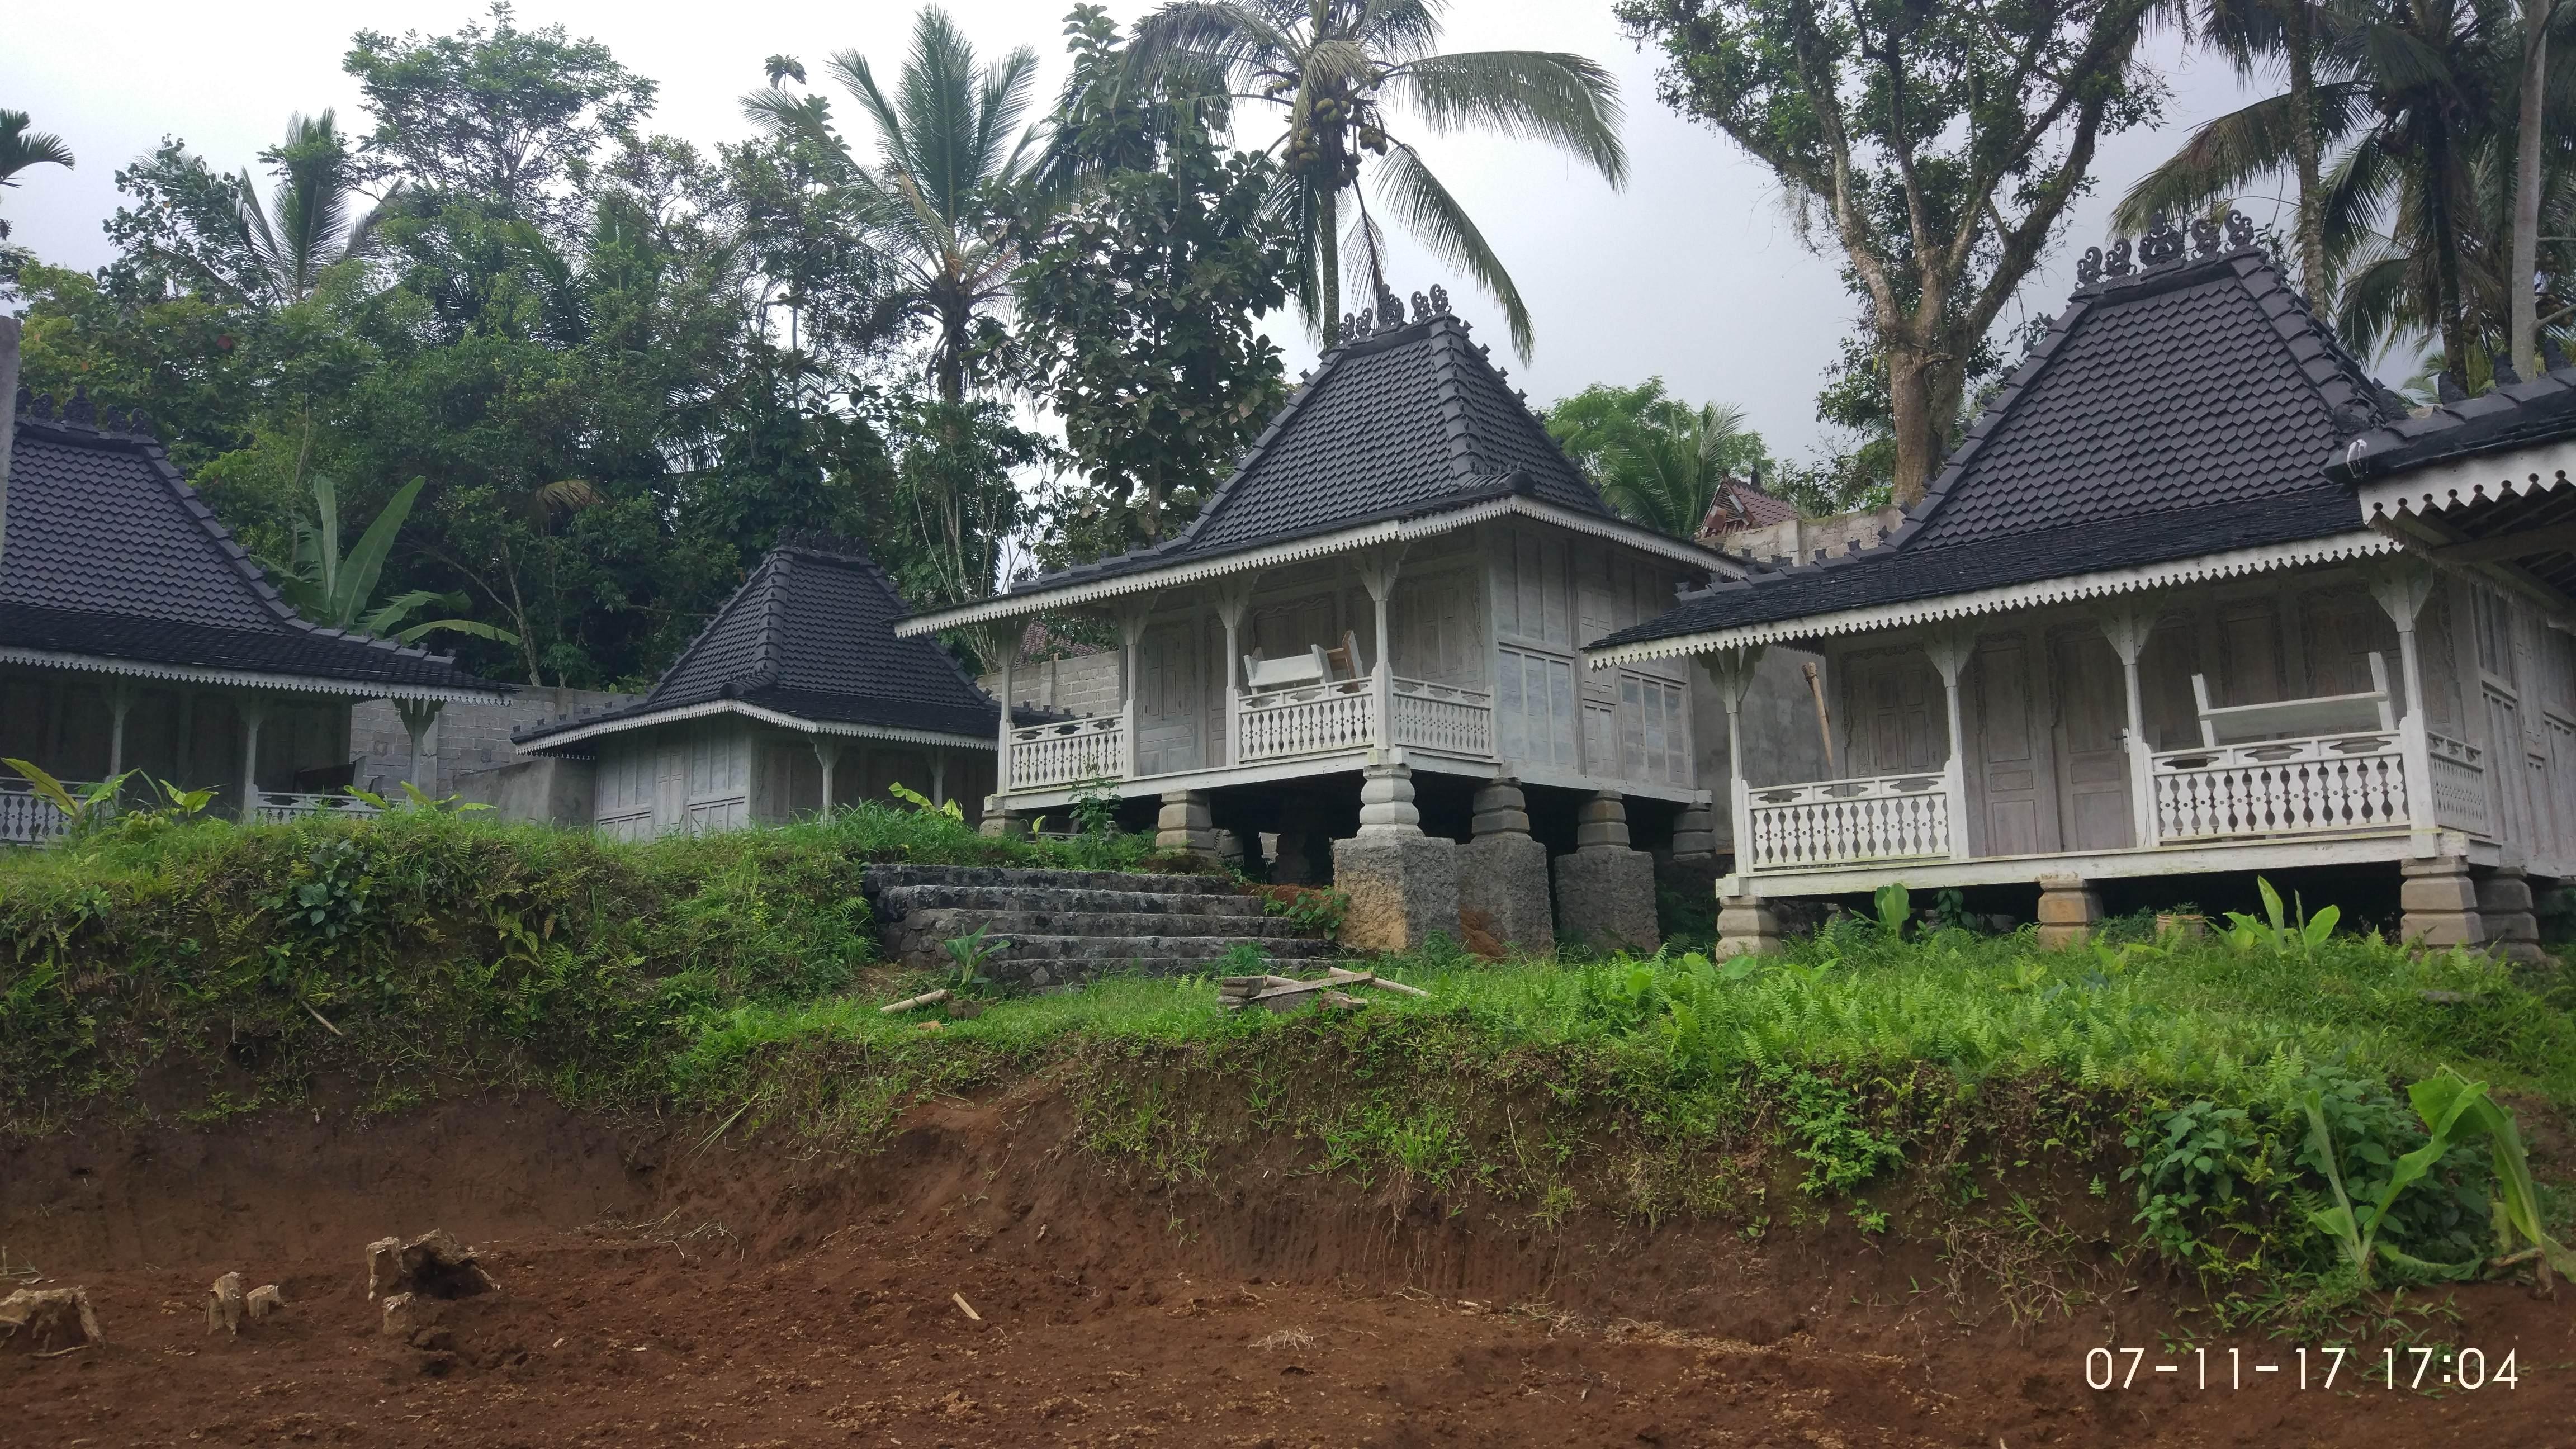 jual rumah kayu mini, jual rumah geladak, jual rumah kayu kecil